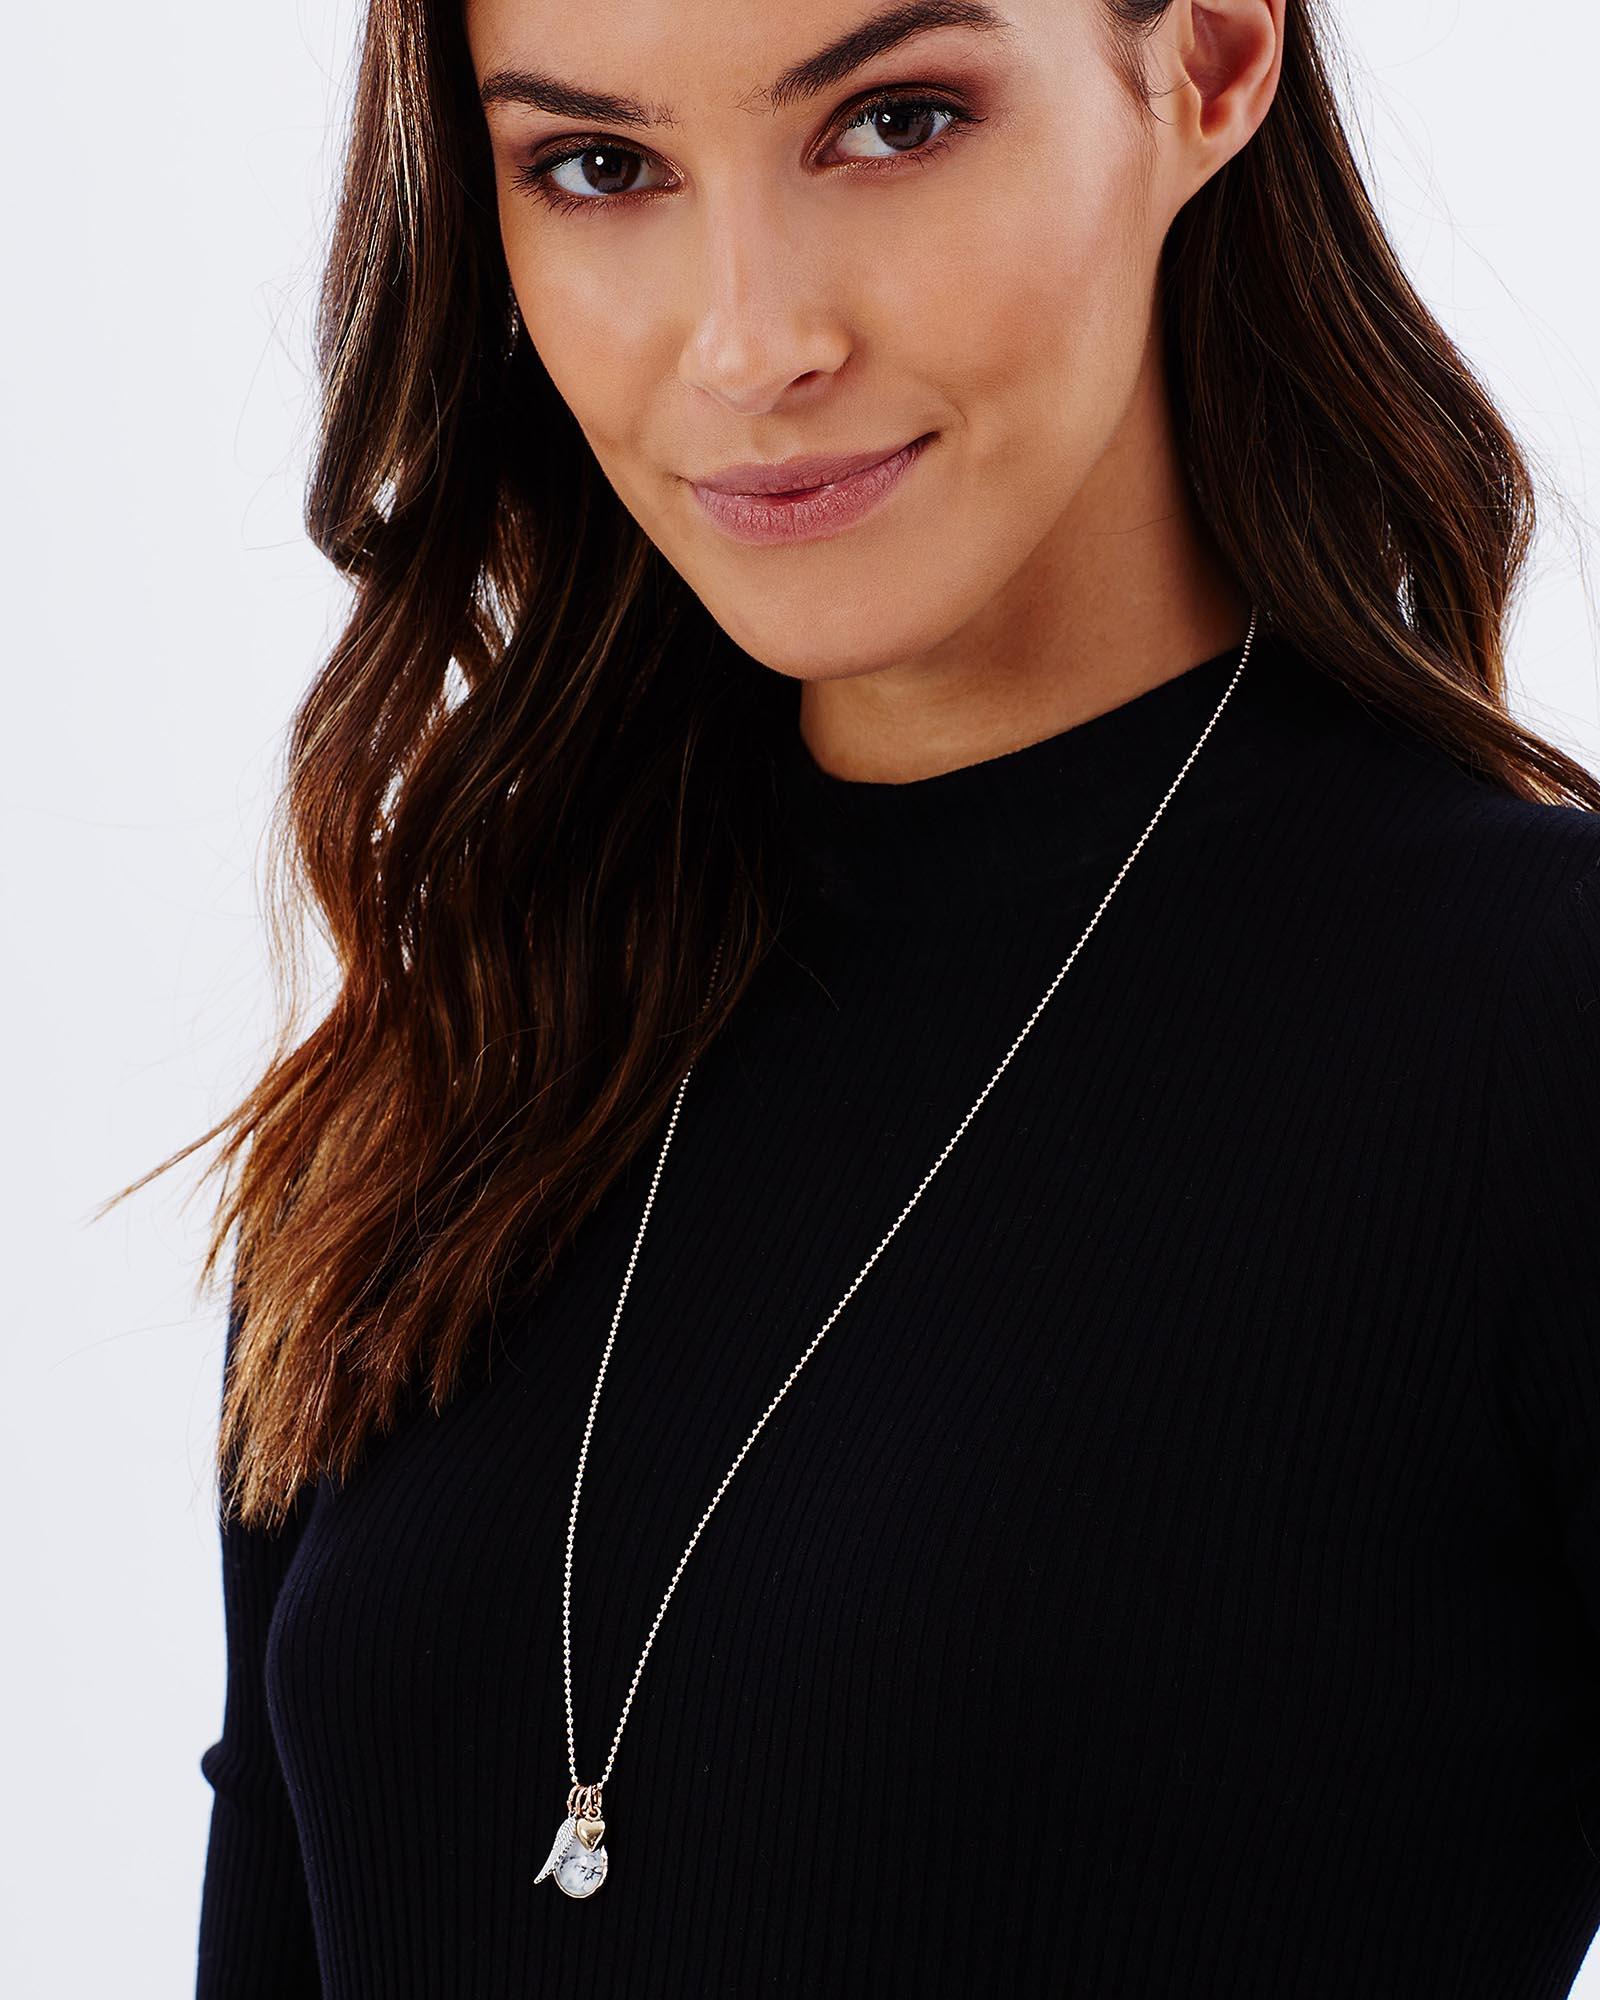 Laura Gutiferd